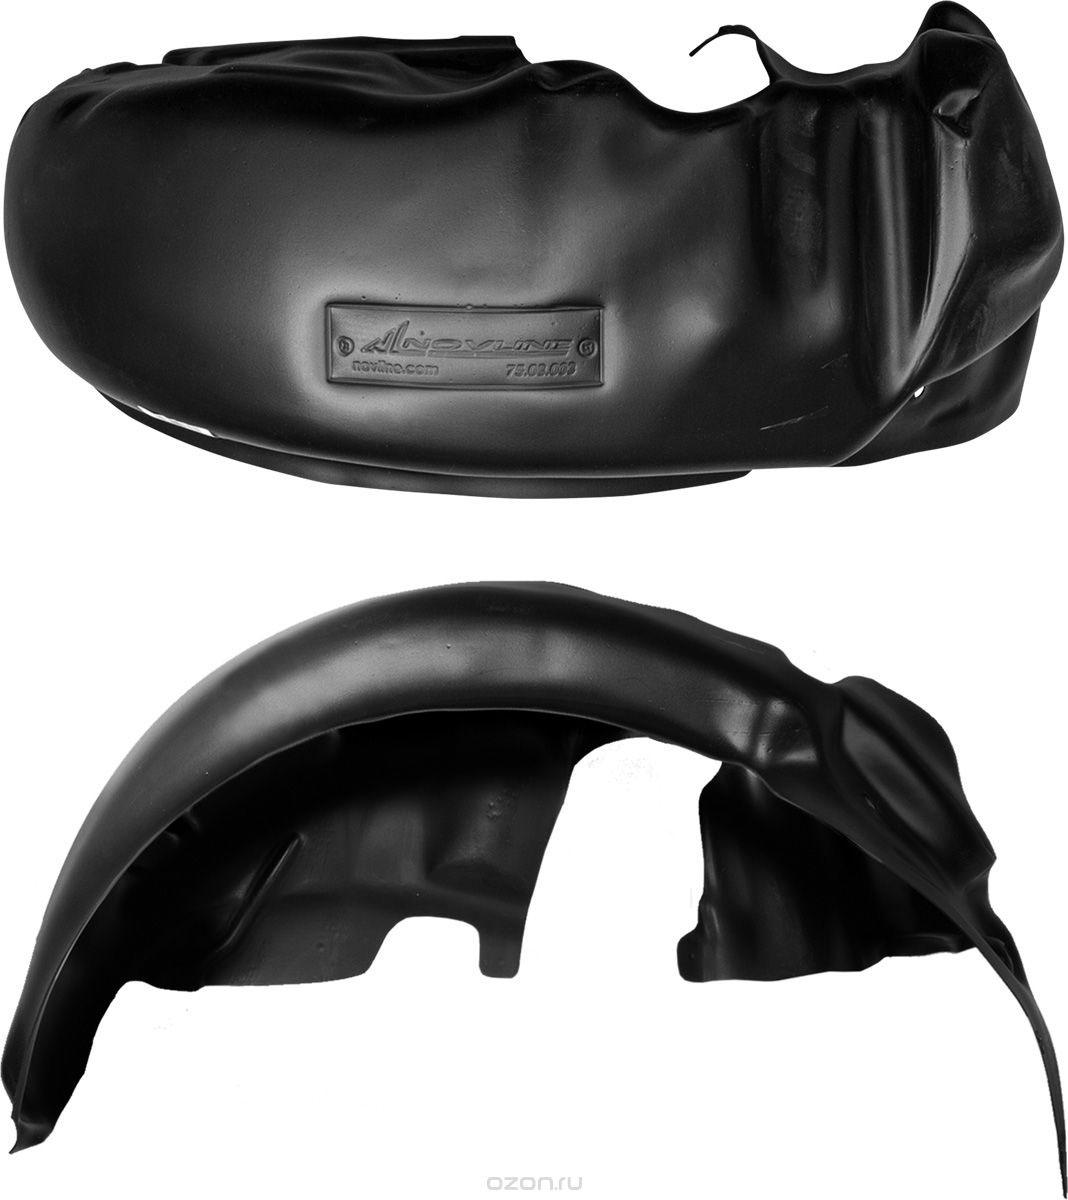 Подкрылок Novline-Autofamily, для УАЗ Hunter, 11/2003->, задний правыйNLL.54.06.004Идеальная защита колесной ниши. Локеры разработаны с применением цифровых технологий, гарантируют максимальную повторяемость поверхности арки. Изделия устанавливаются без нарушения лакокрасочного покрытия автомобиля, каждый подкрылок комплектуется крепежом. Уважаемые клиенты, обращаем ваше внимание, что фотографии на подкрылки универсальные и не отражают реальную форму изделия. При этом само изделие идет точно под размер указанного автомобиля.